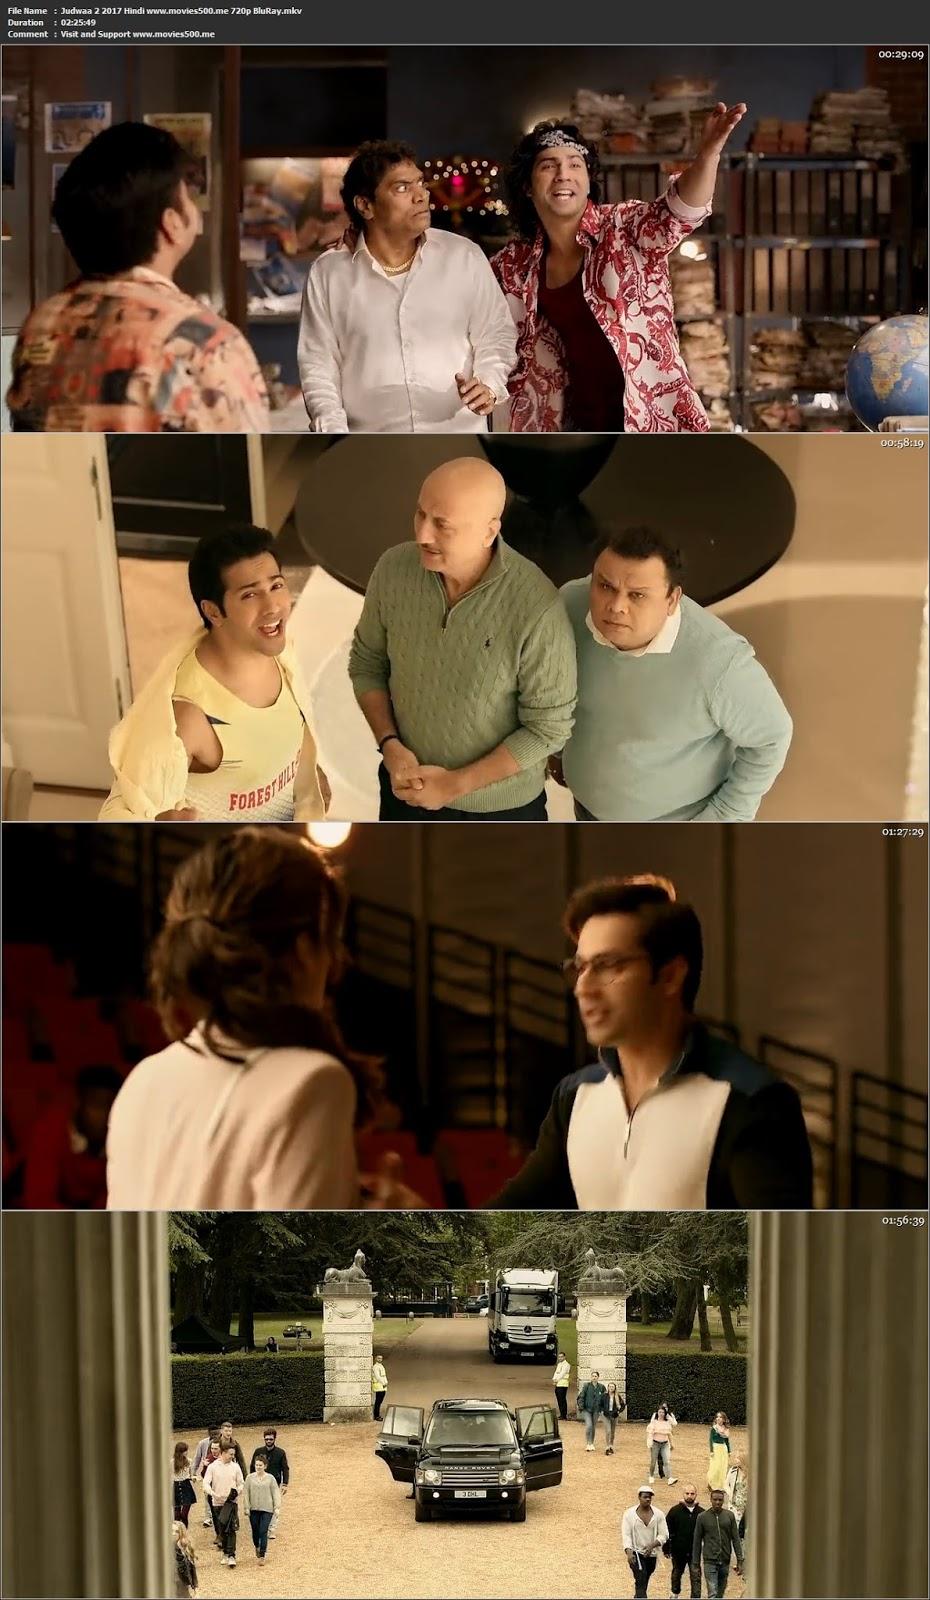 Judwaa 2 2017 Hindi Full Movie BluRay 720p 1GB at chukysogiare.org